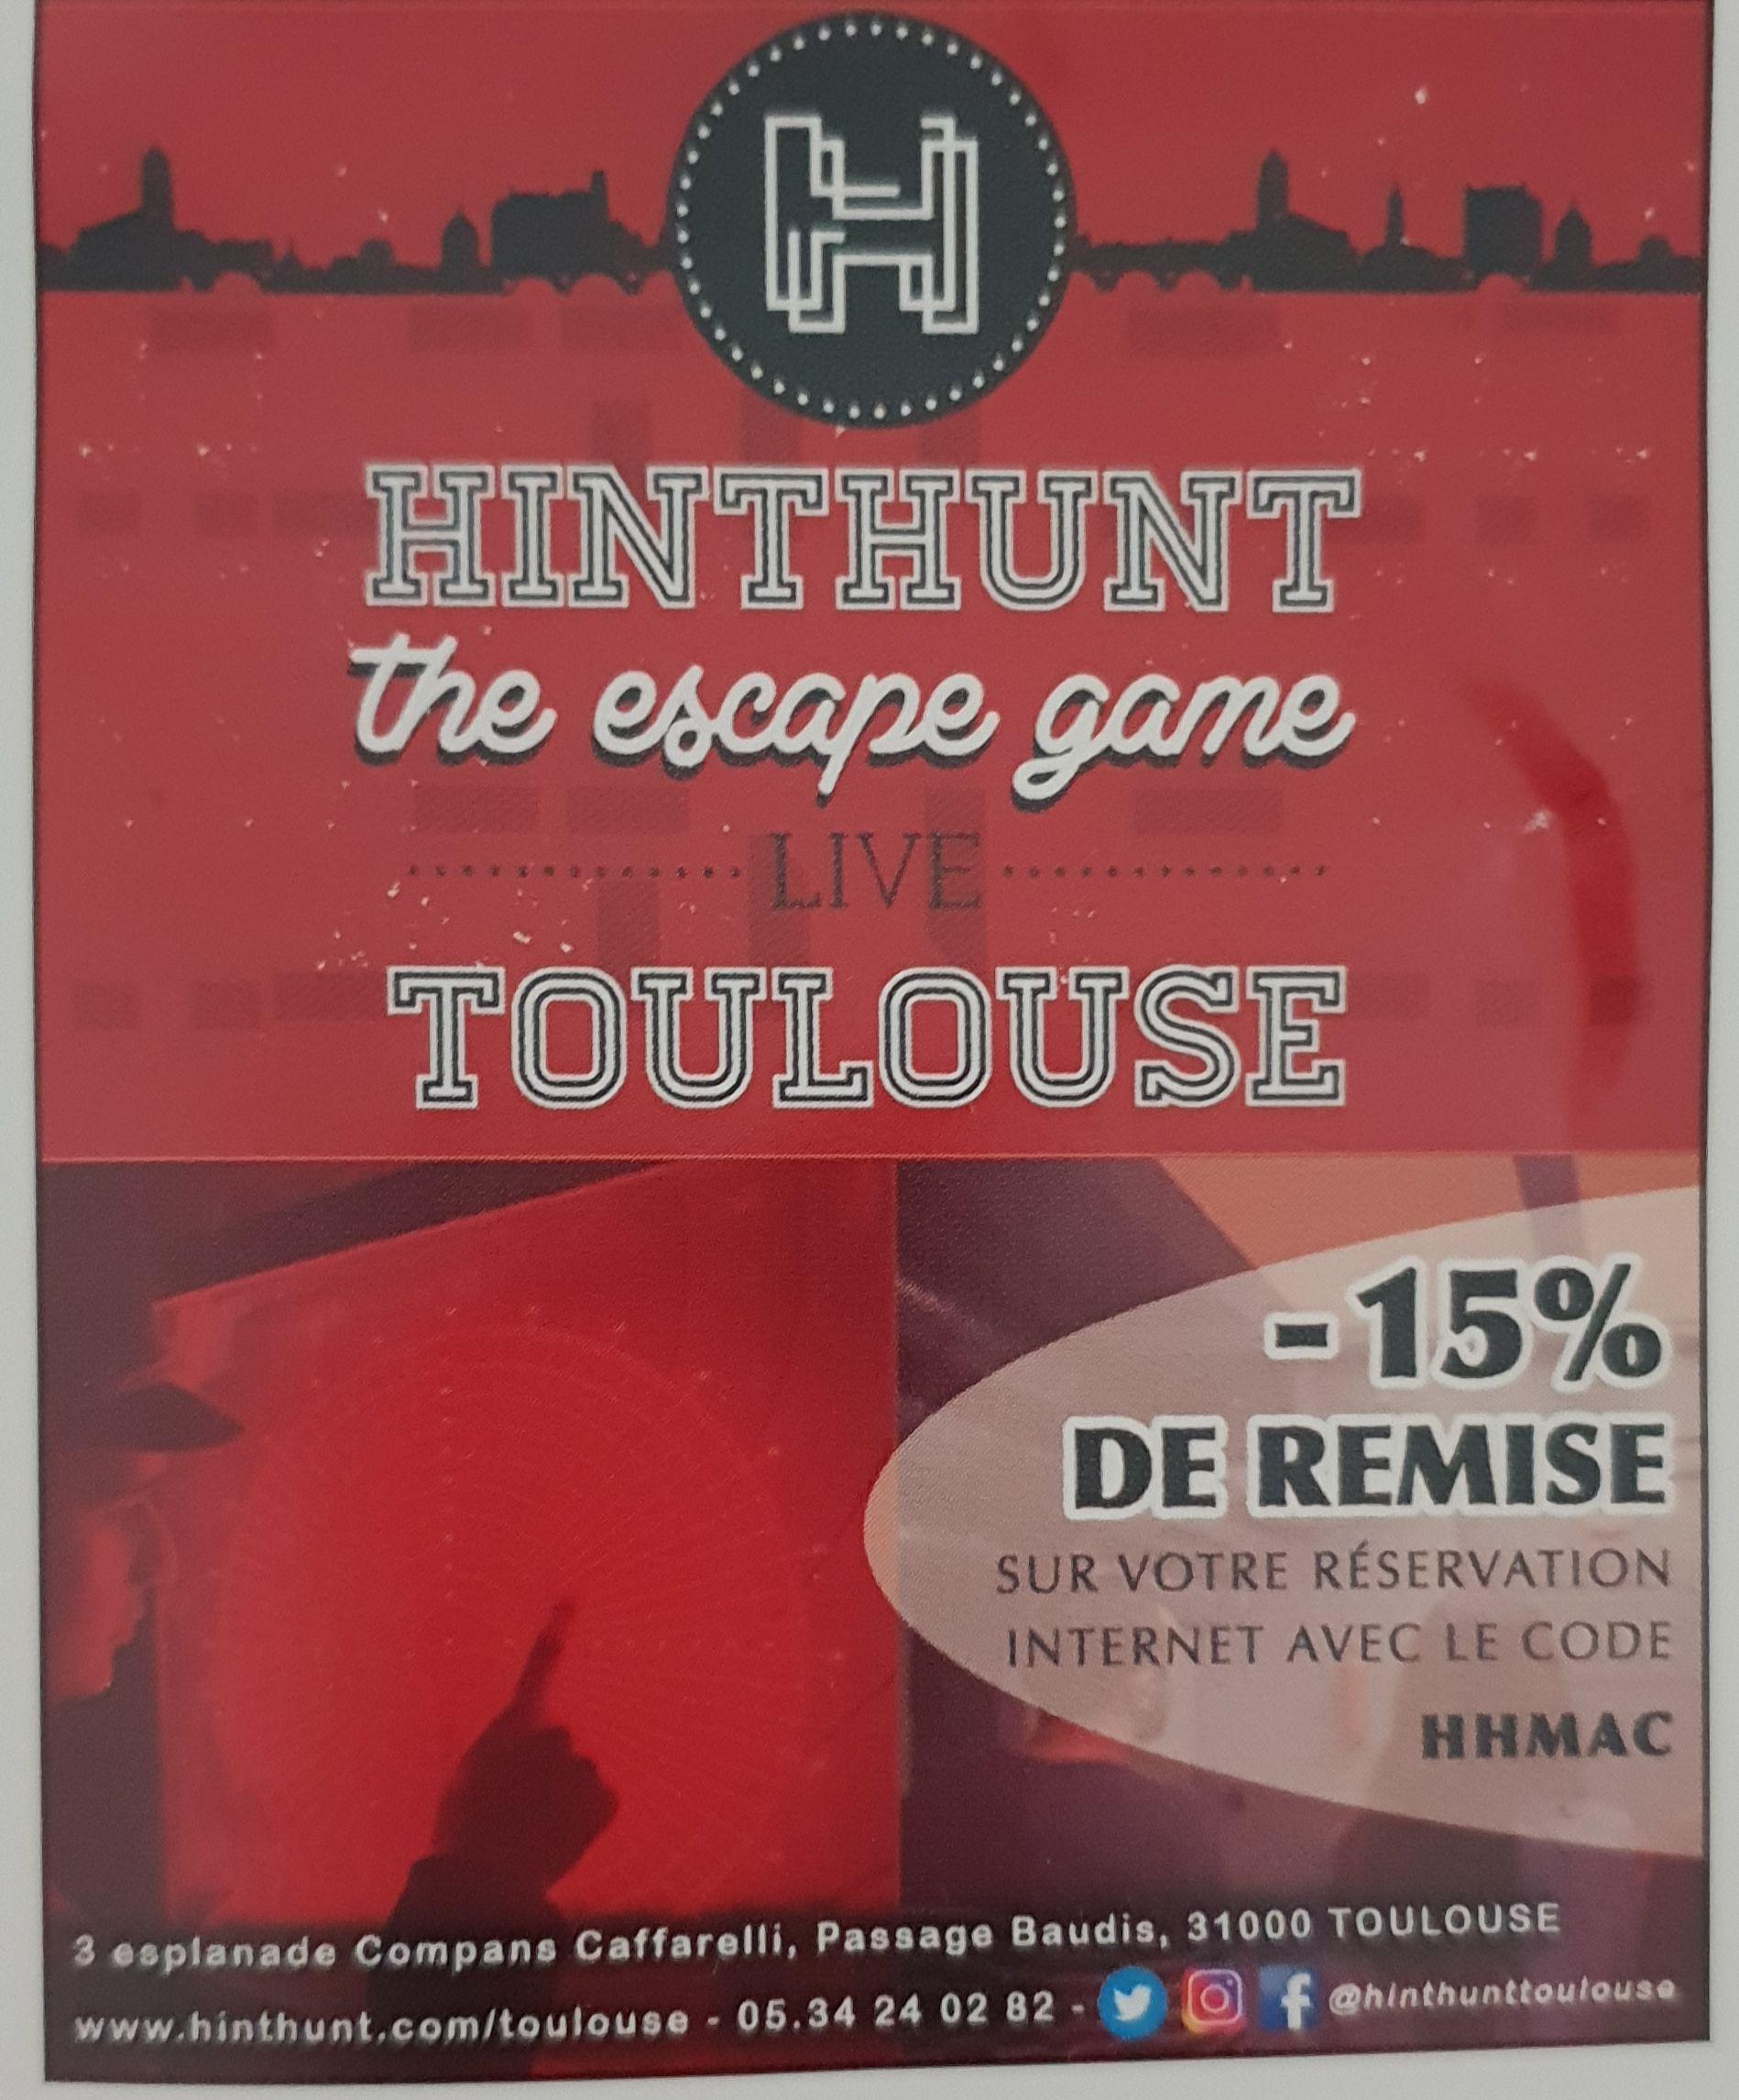 15% de remise sur l'escape Game - HintHunt Toulouse (31)